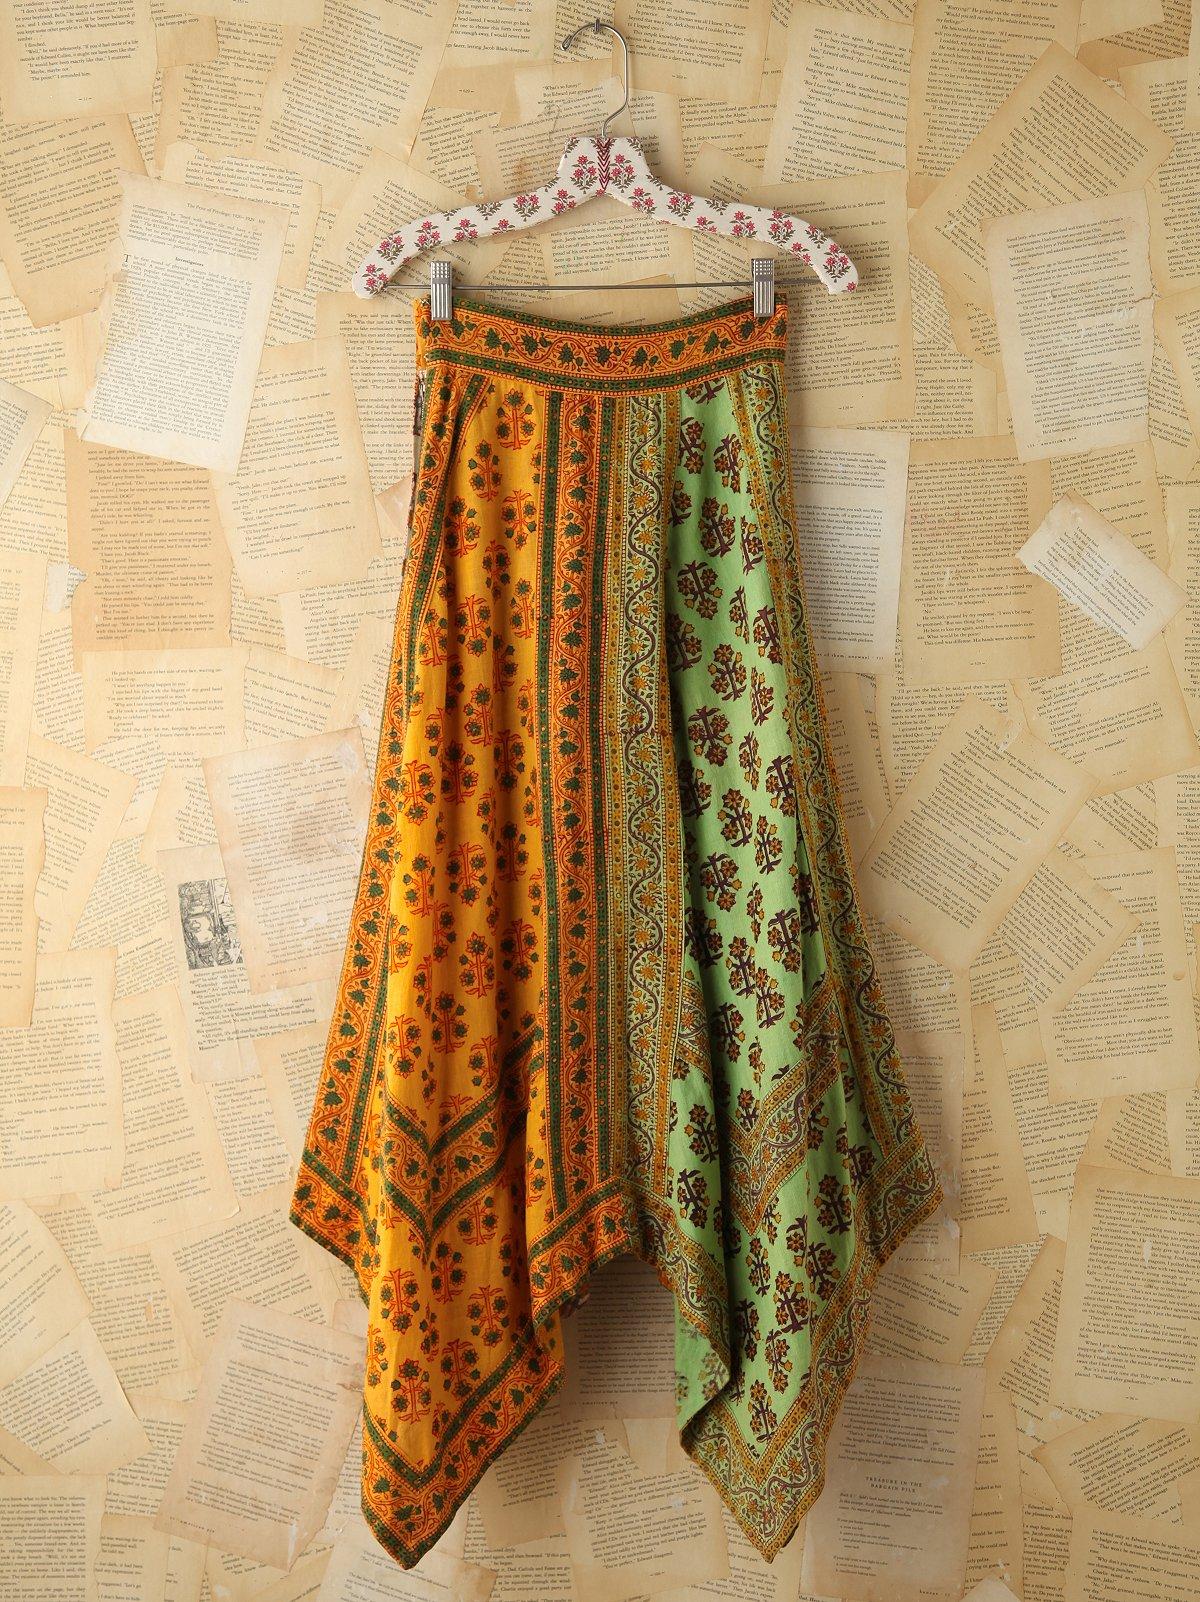 Vintage Colorful Printed Skirt